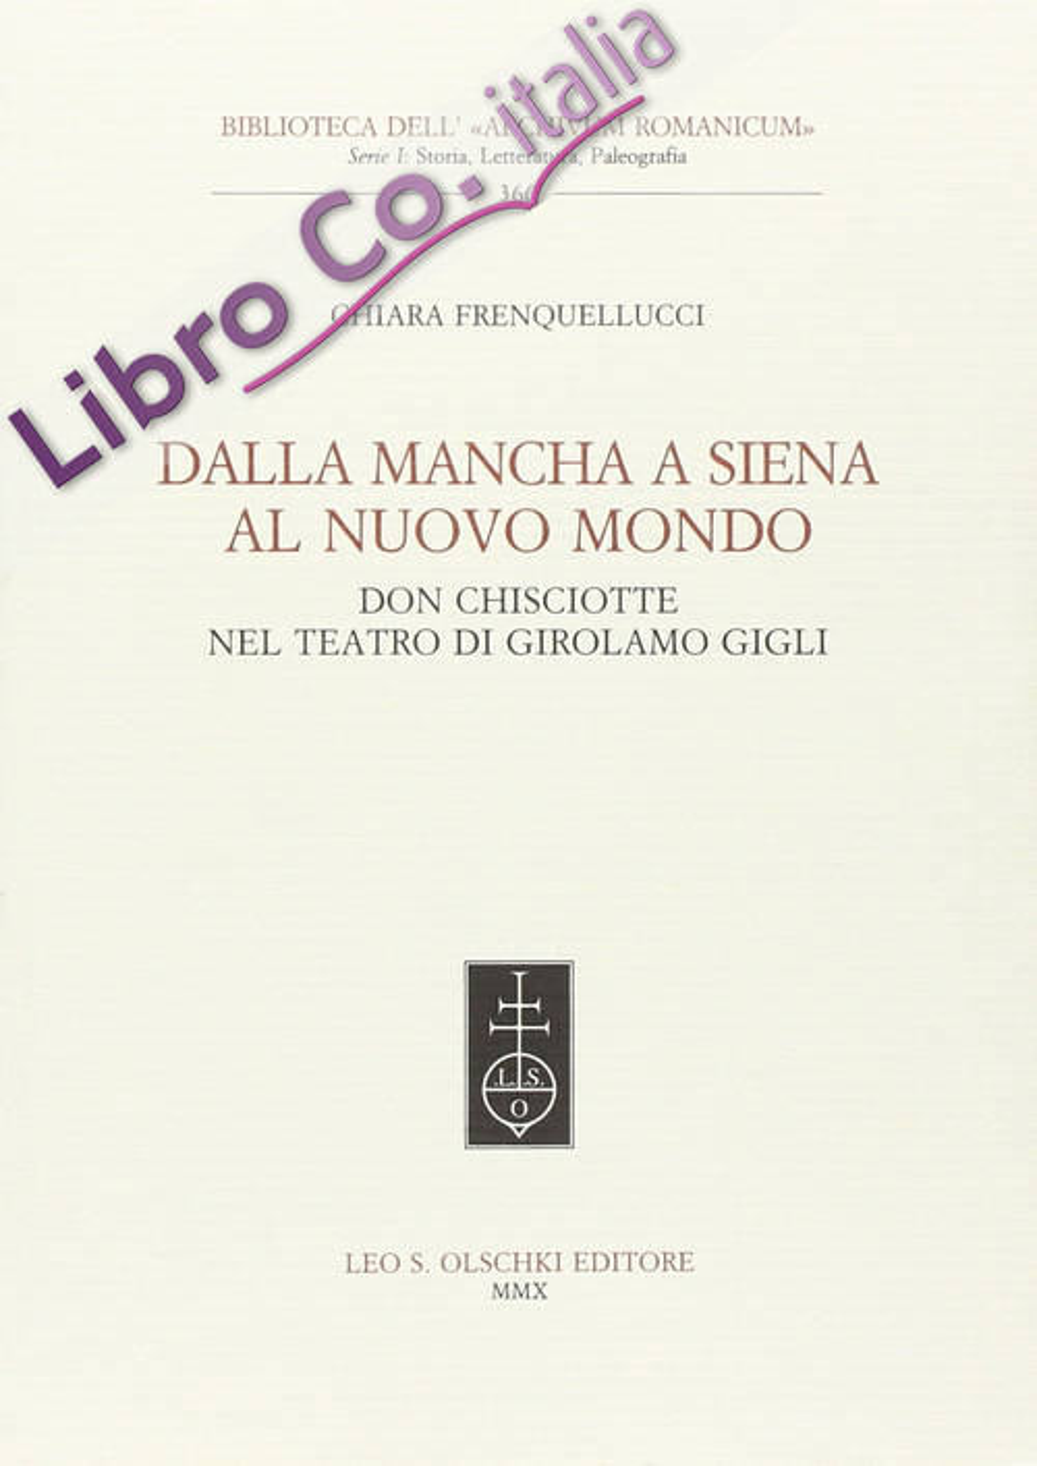 Dalla Mancha a Siena al nuovo mondo. Don Chisciotte nel teatro di Girolamo Gigli